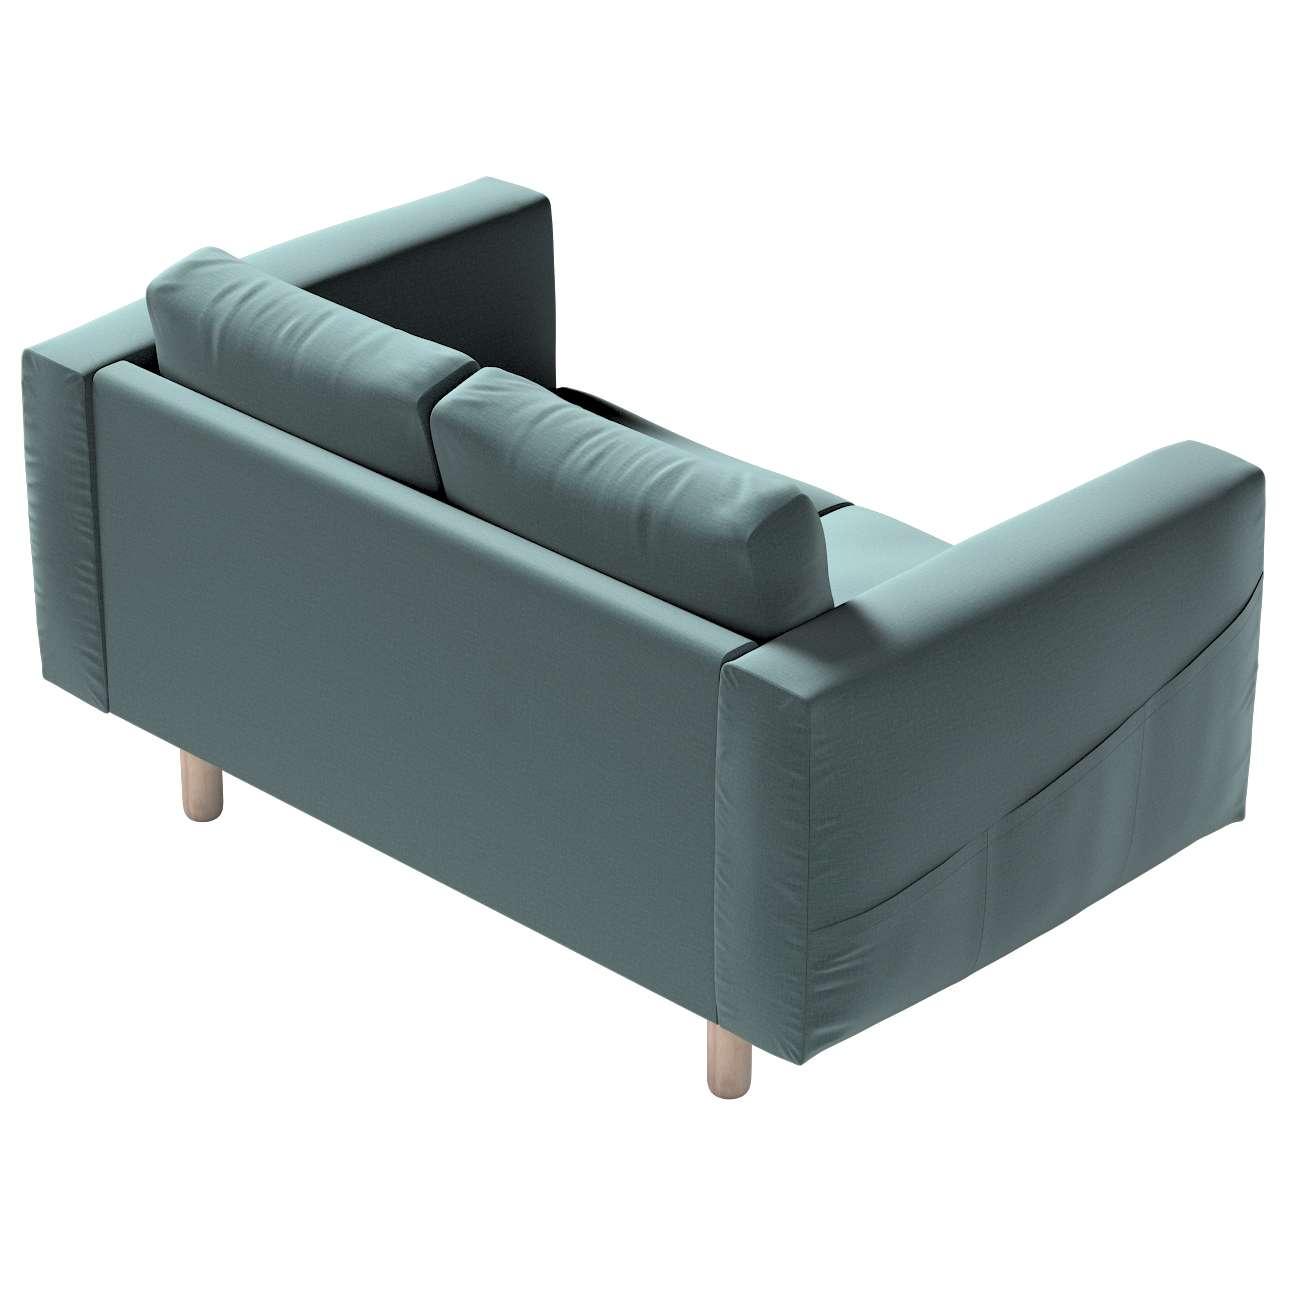 Pokrowiec na sofę Norsborg 2-osobową w kolekcji Ingrid, tkanina: 705-36